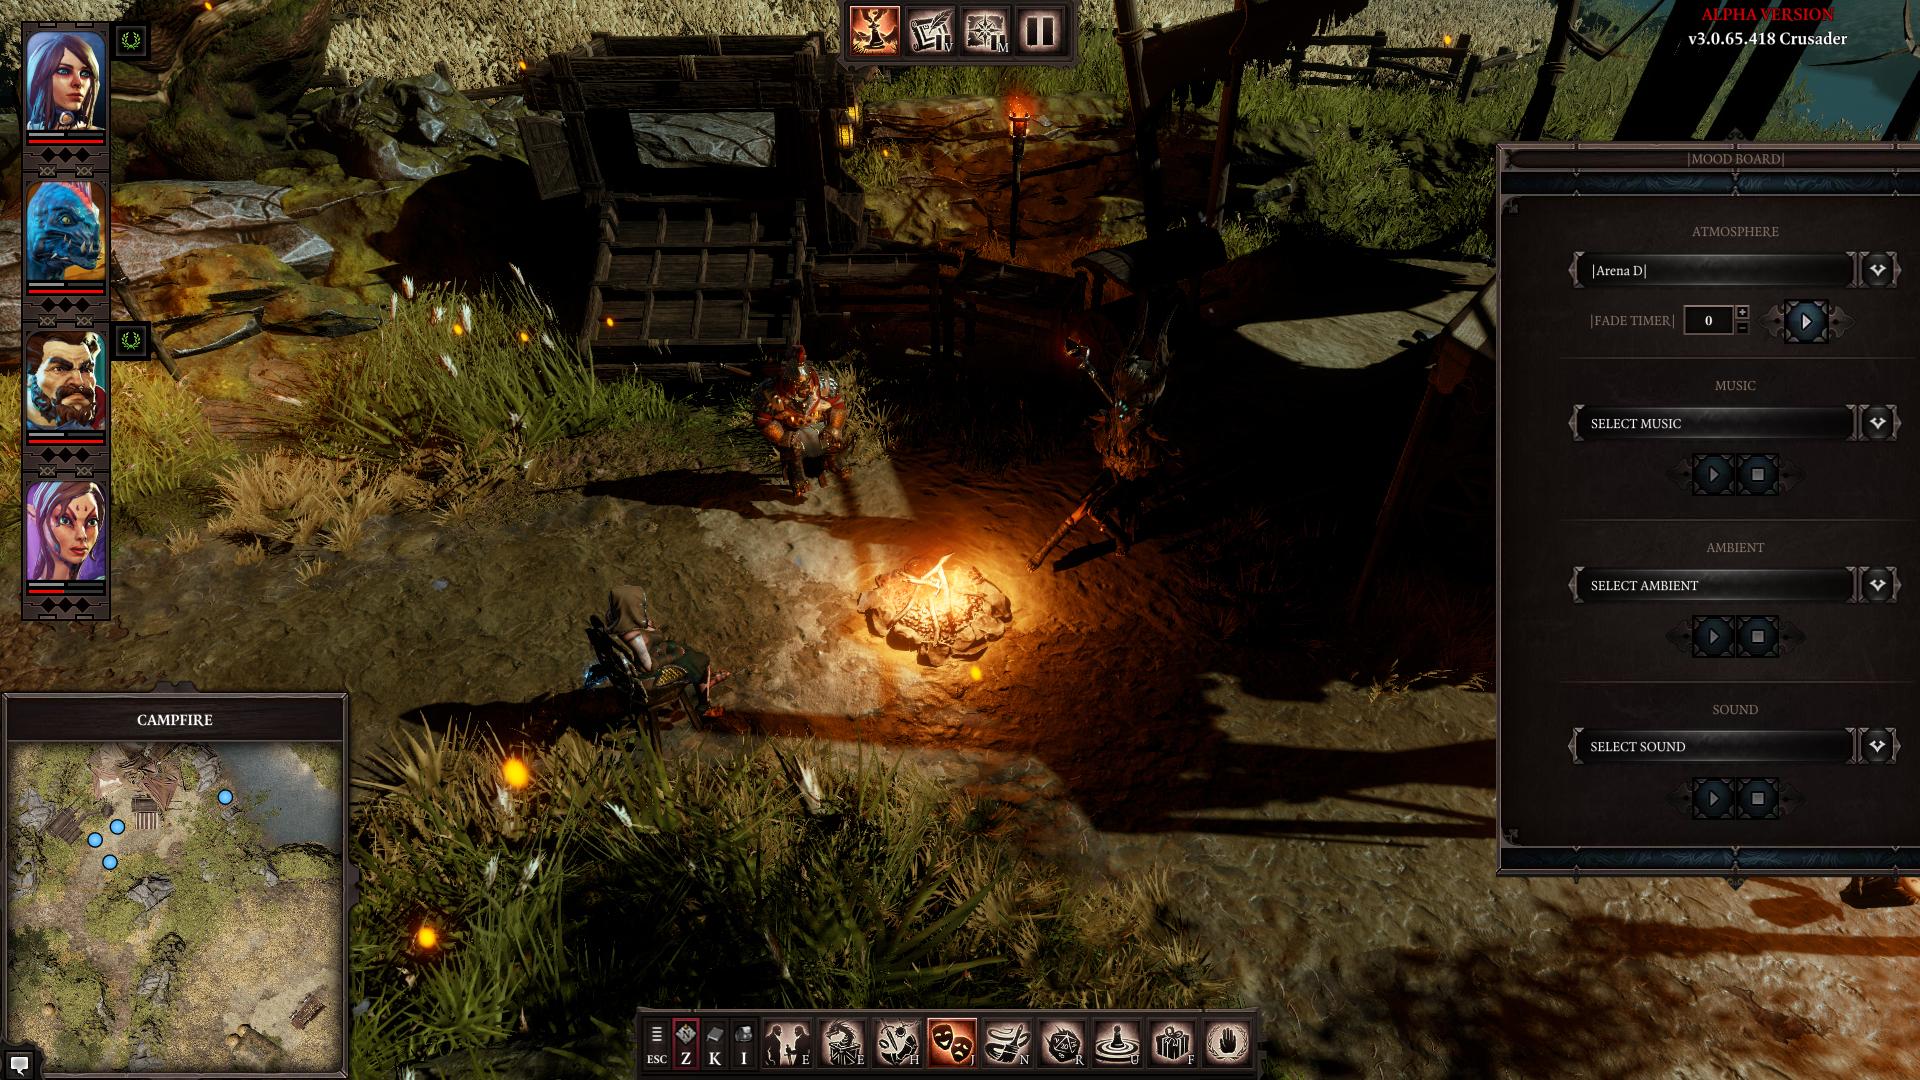 Divinity-OriginalSin2 PC Editeur 040